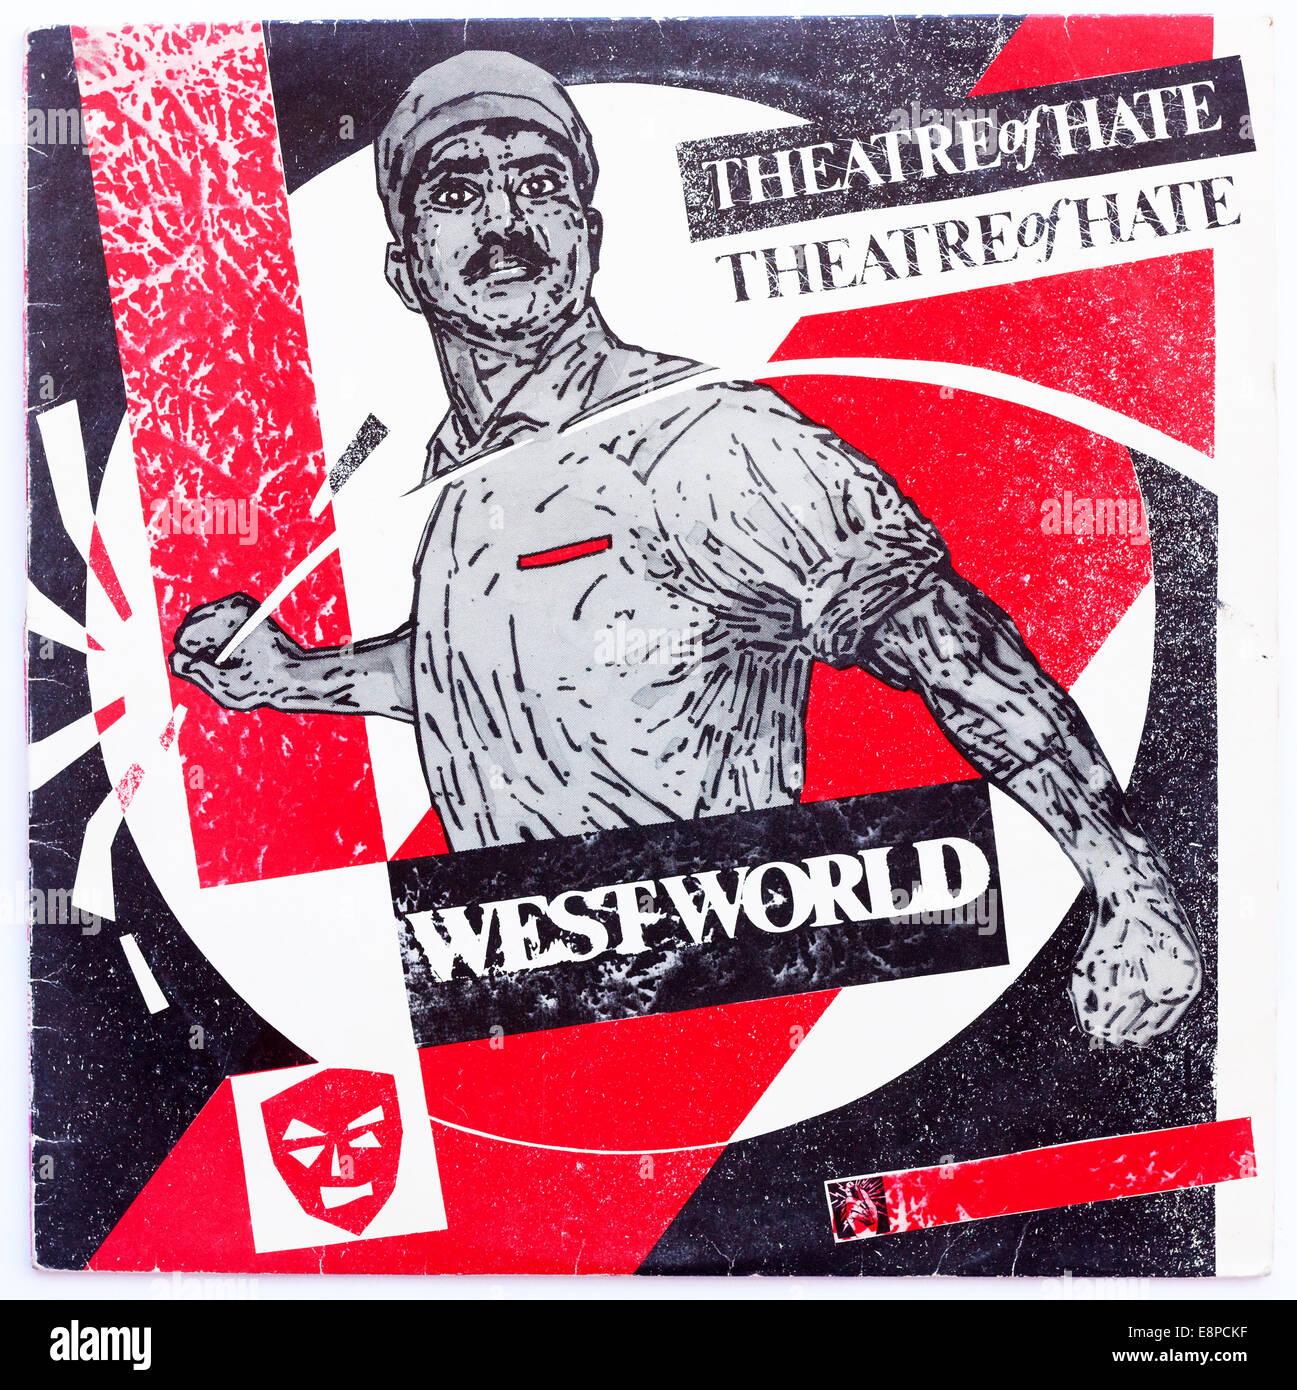 Portada para teatro de odio - westworld, 1982 album de vinilo en la quema de Roma records Imagen De Stock